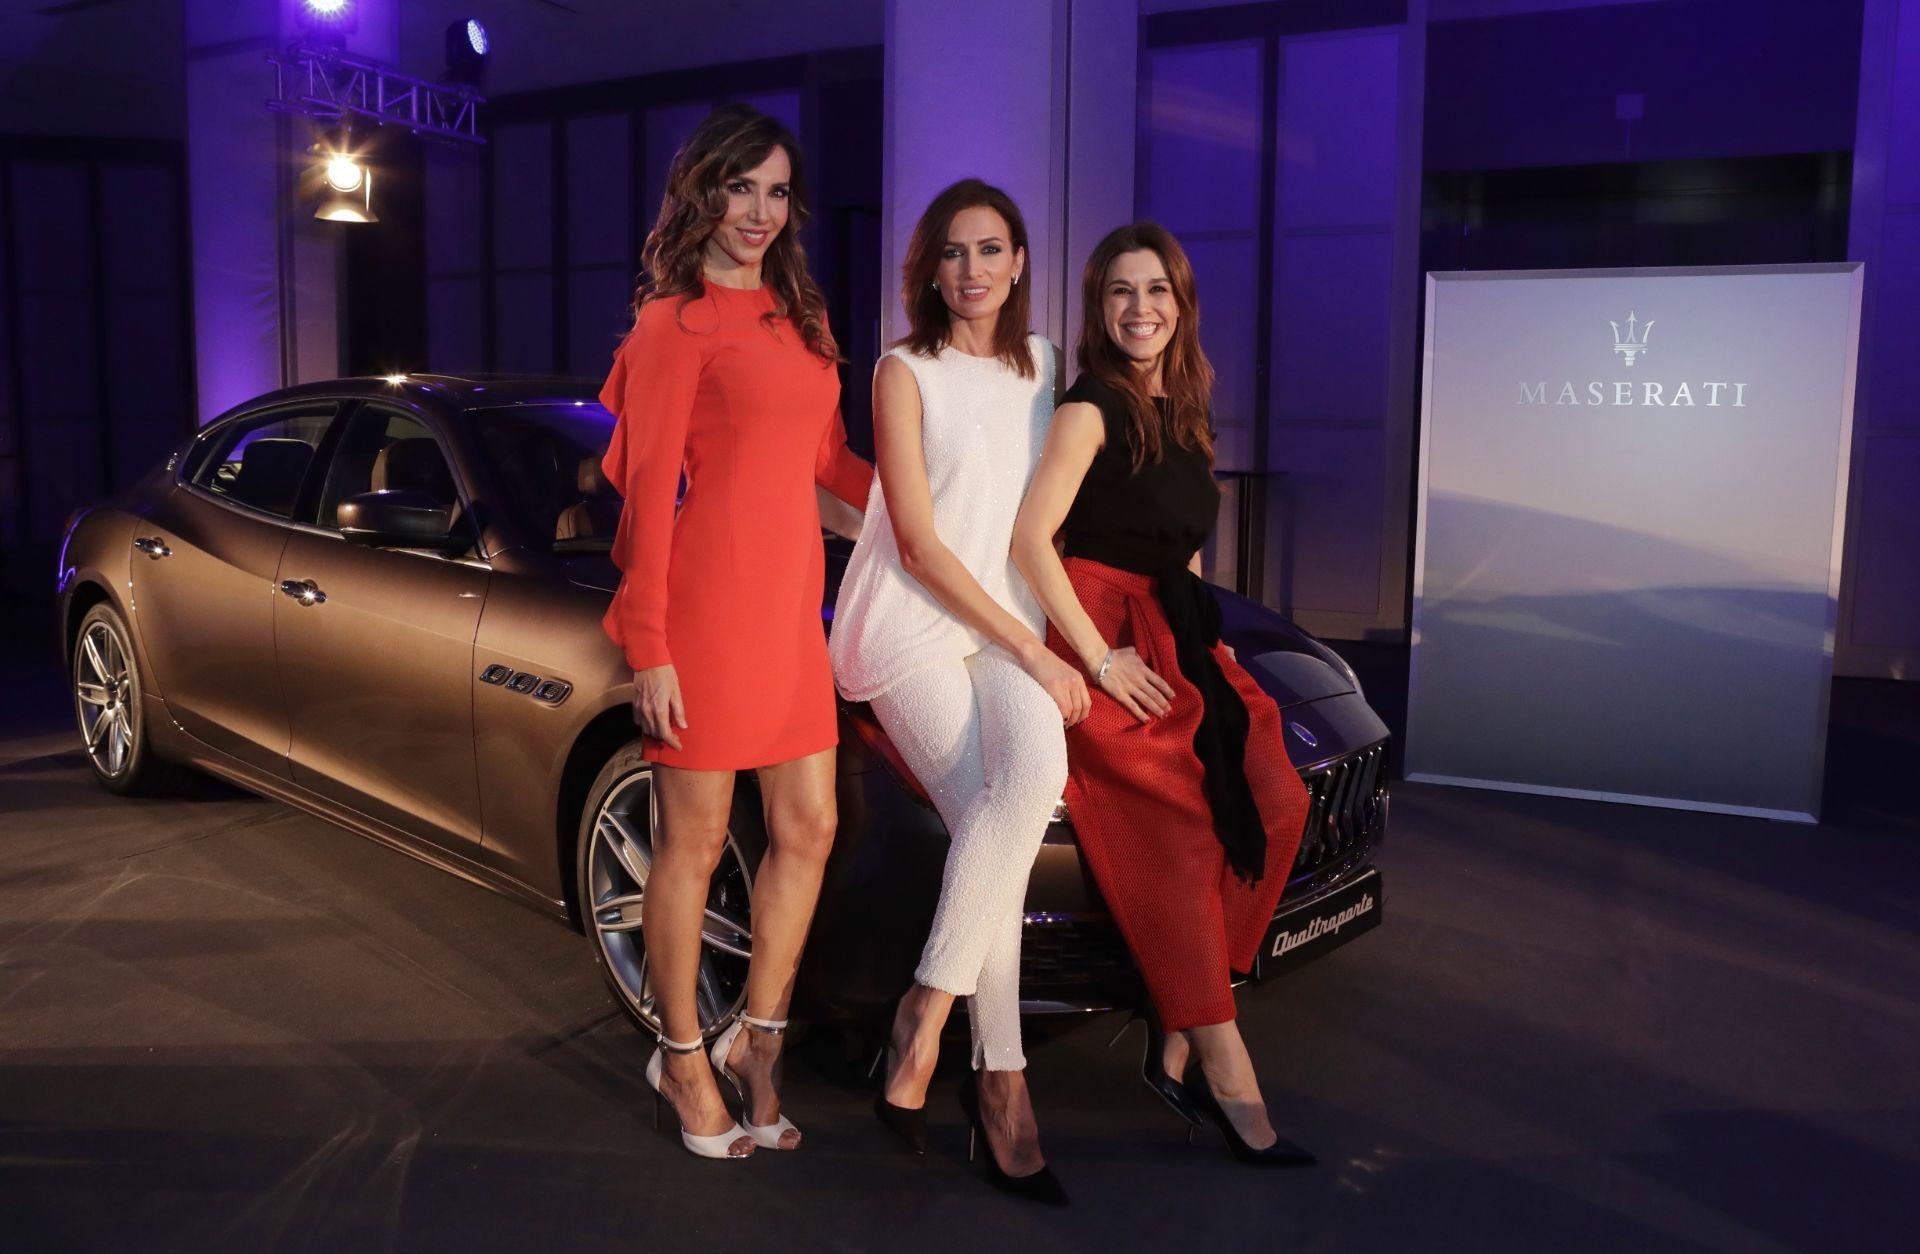 El nuevo Maserati Quattroporte luce sus mejores galas en su presentación ante la sociedad Madrileña